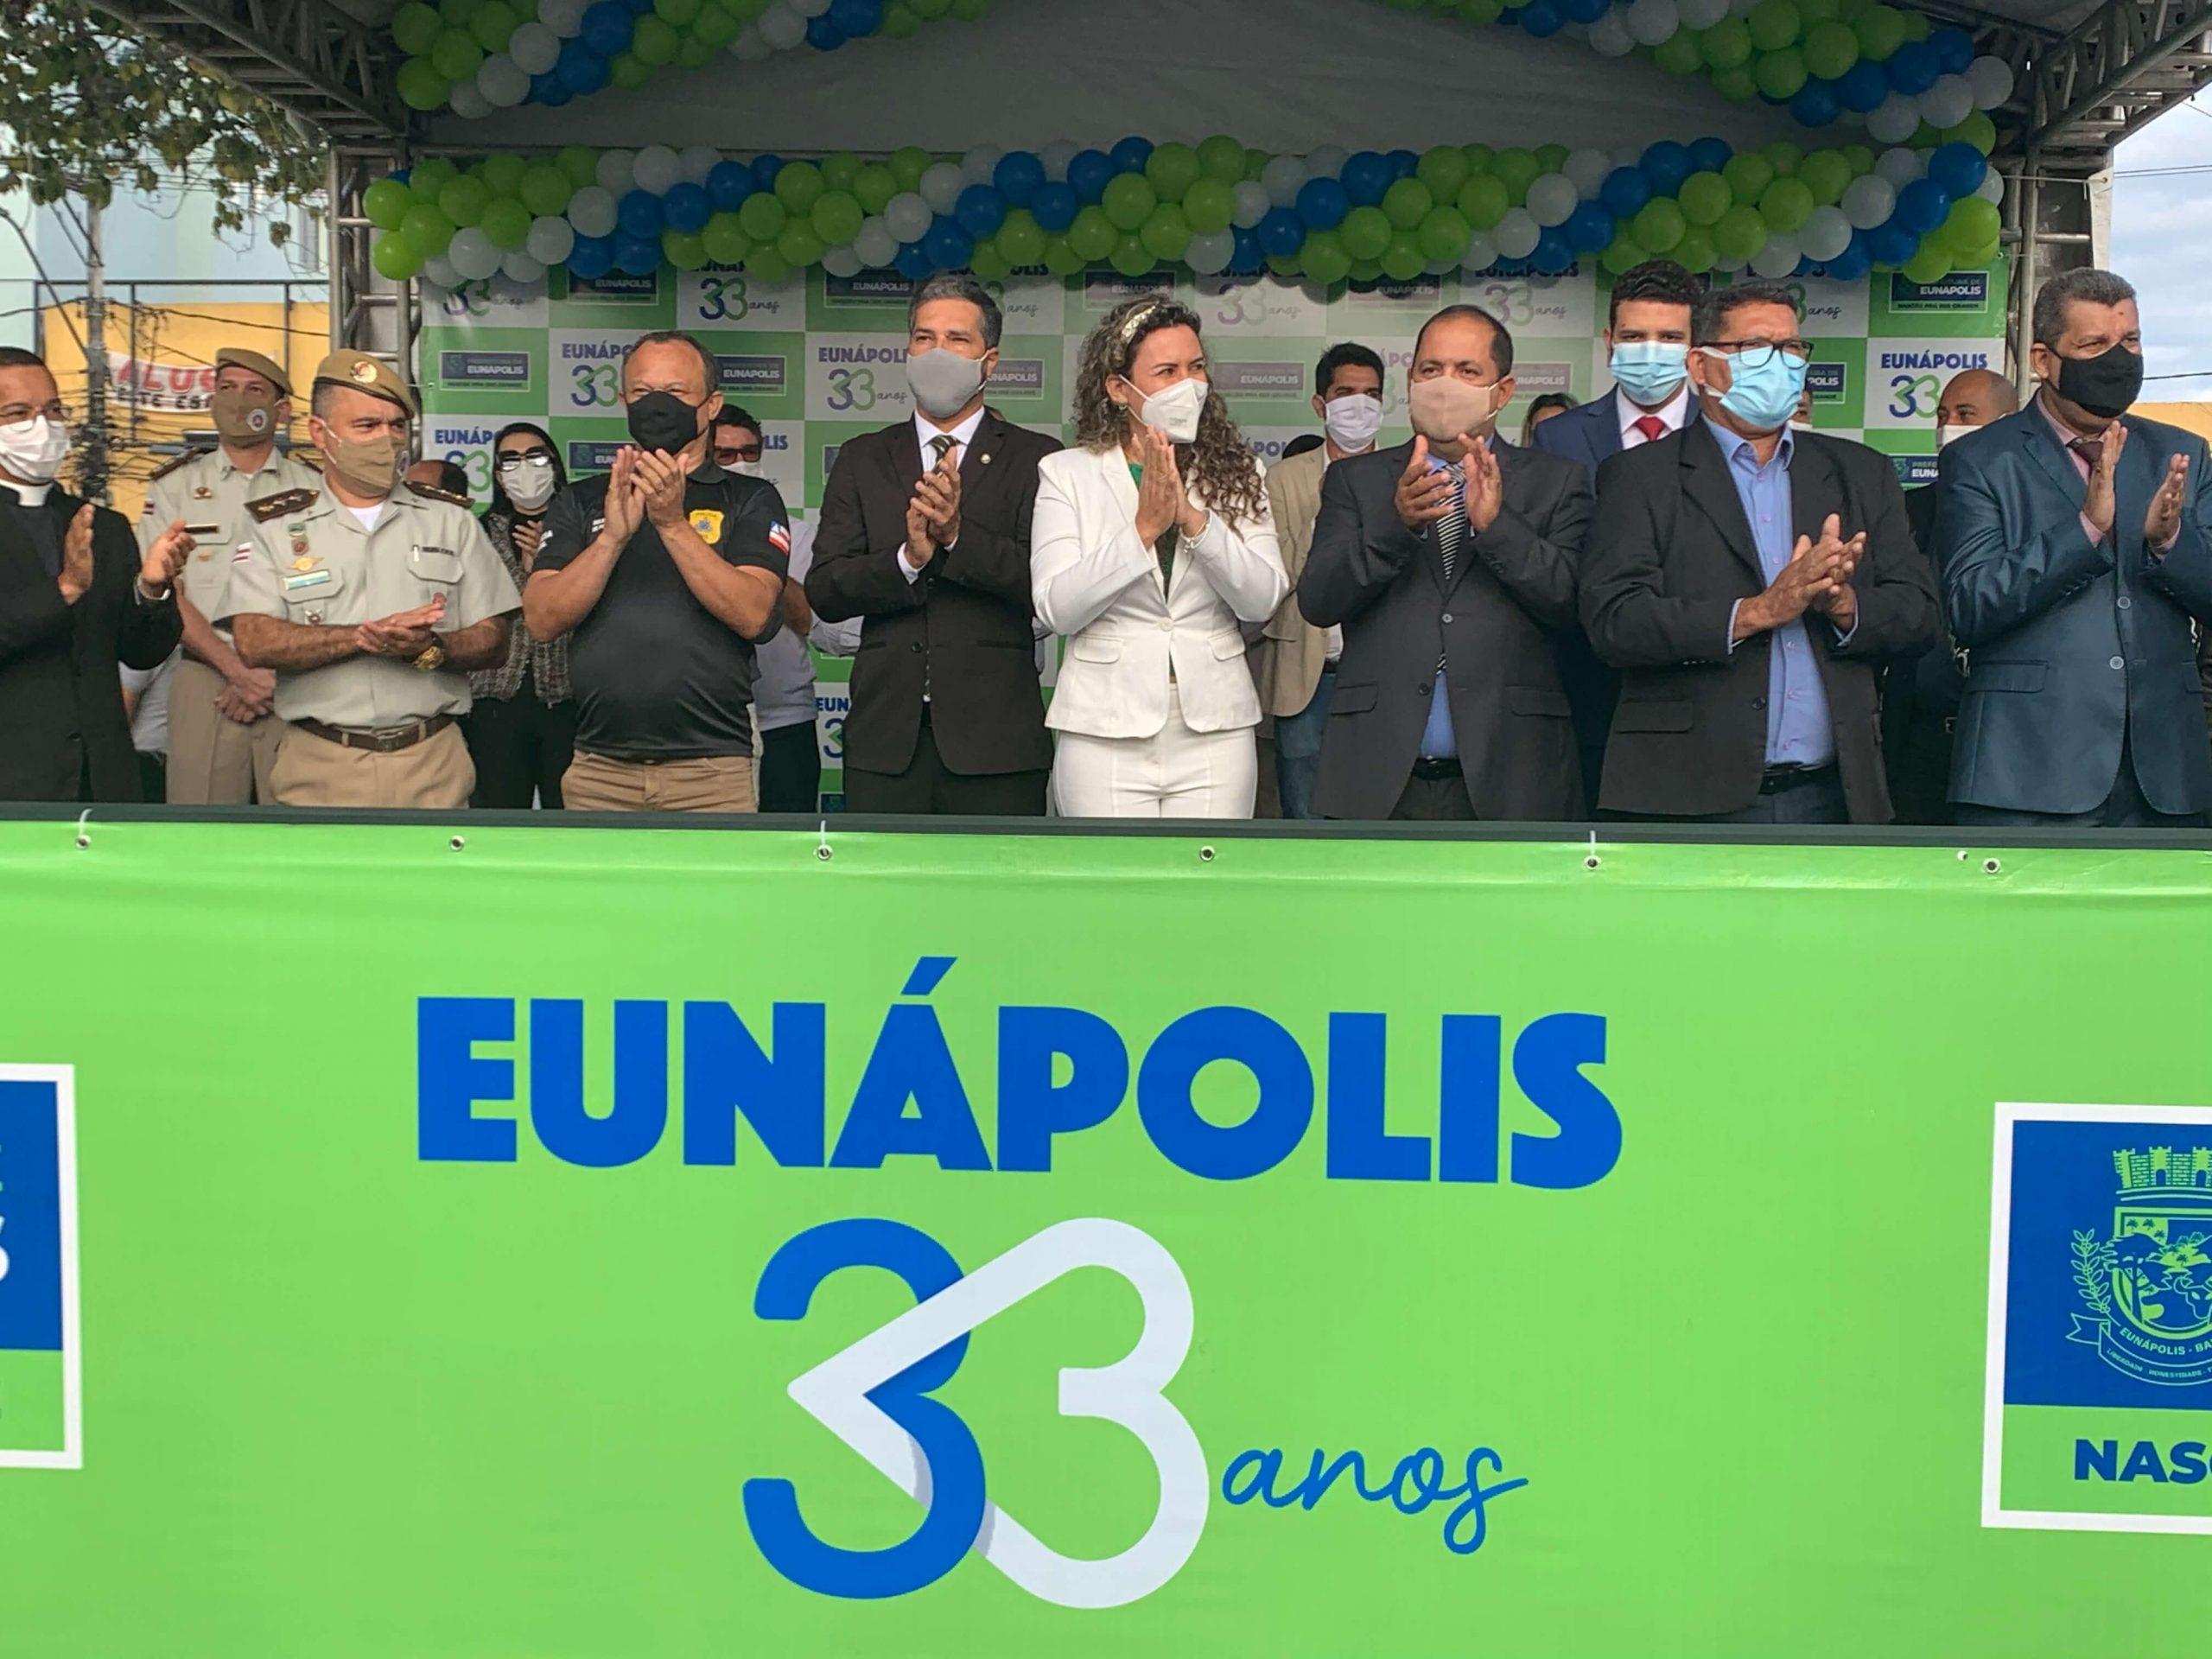 Eunápolis celebra 33 anos de emancipação político-administrativa 23